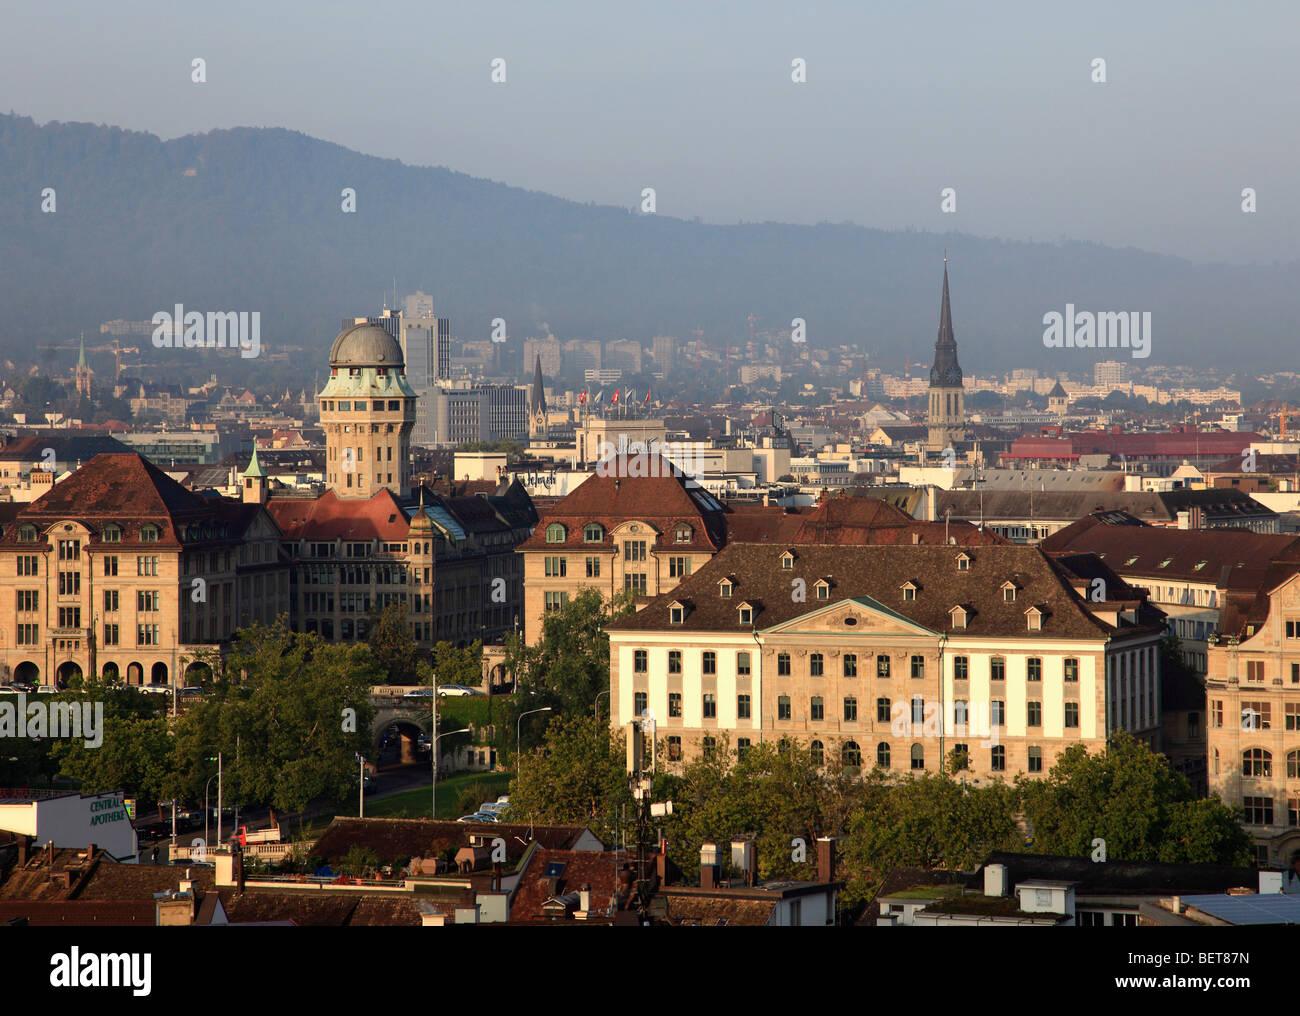 Switzerland, Zurich, skyline, general panoramic view - Stock Image